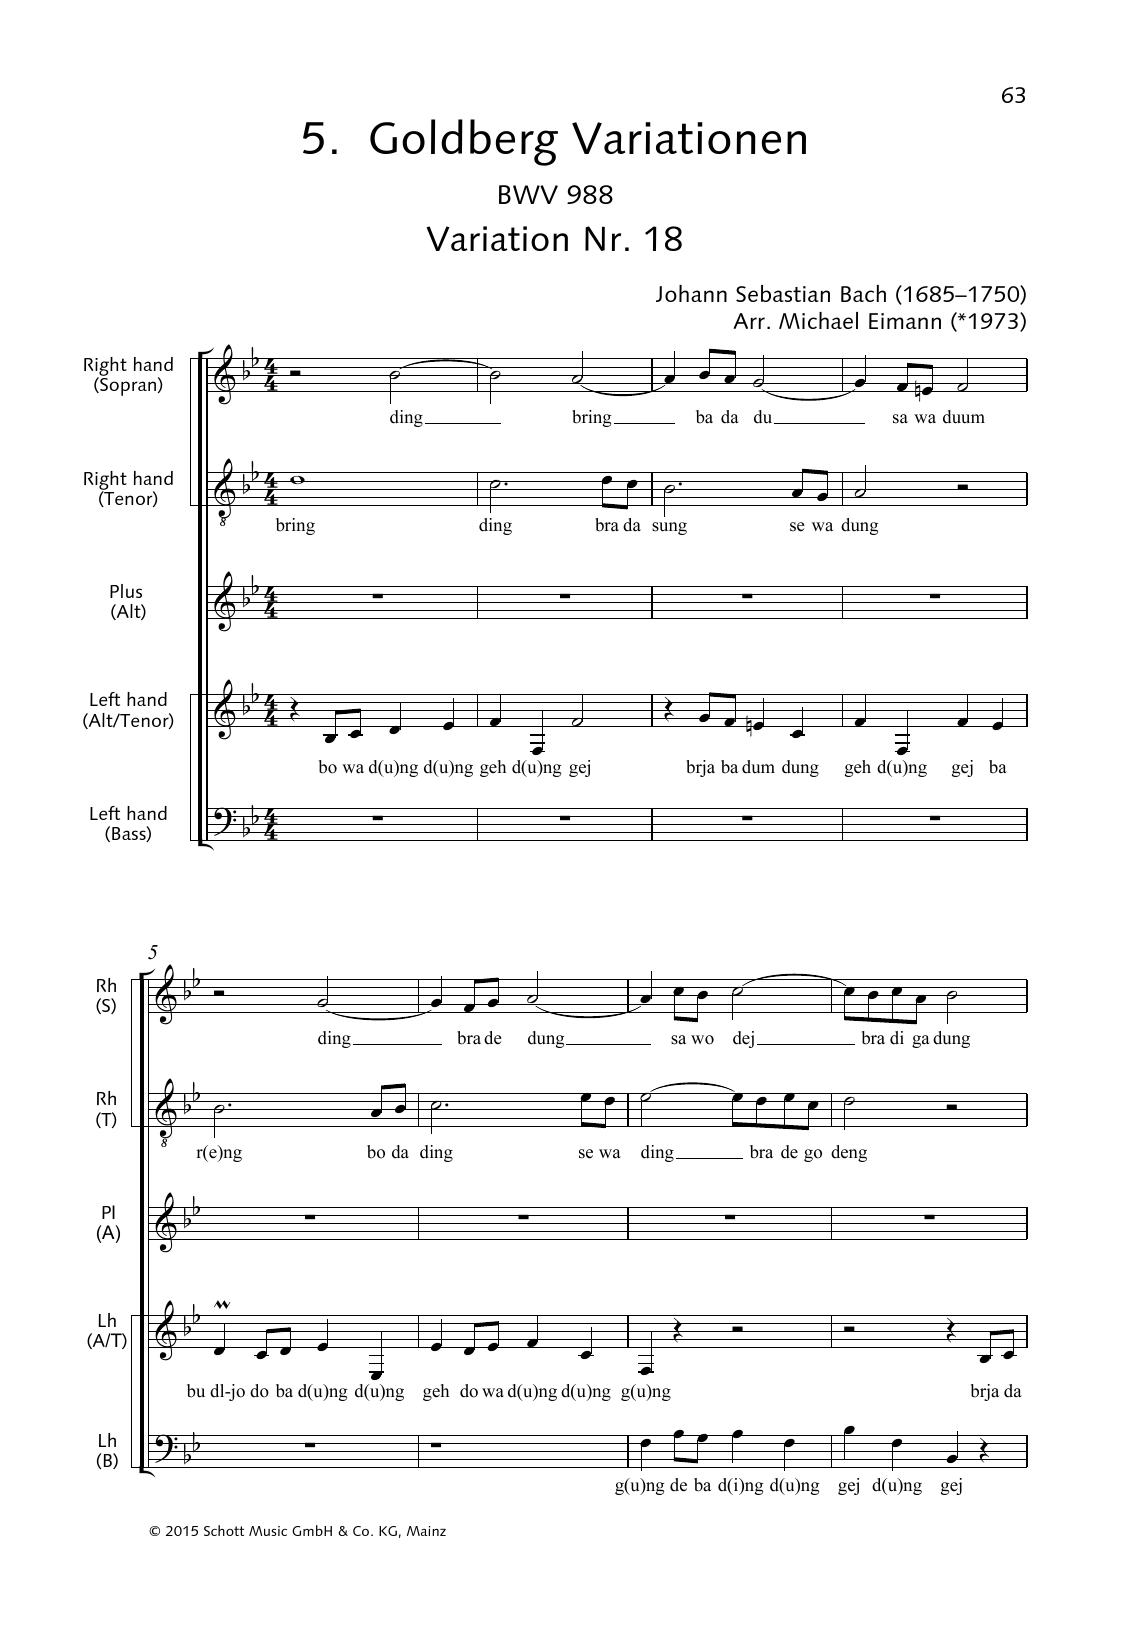 Goldberg Variations, Variation No. 18